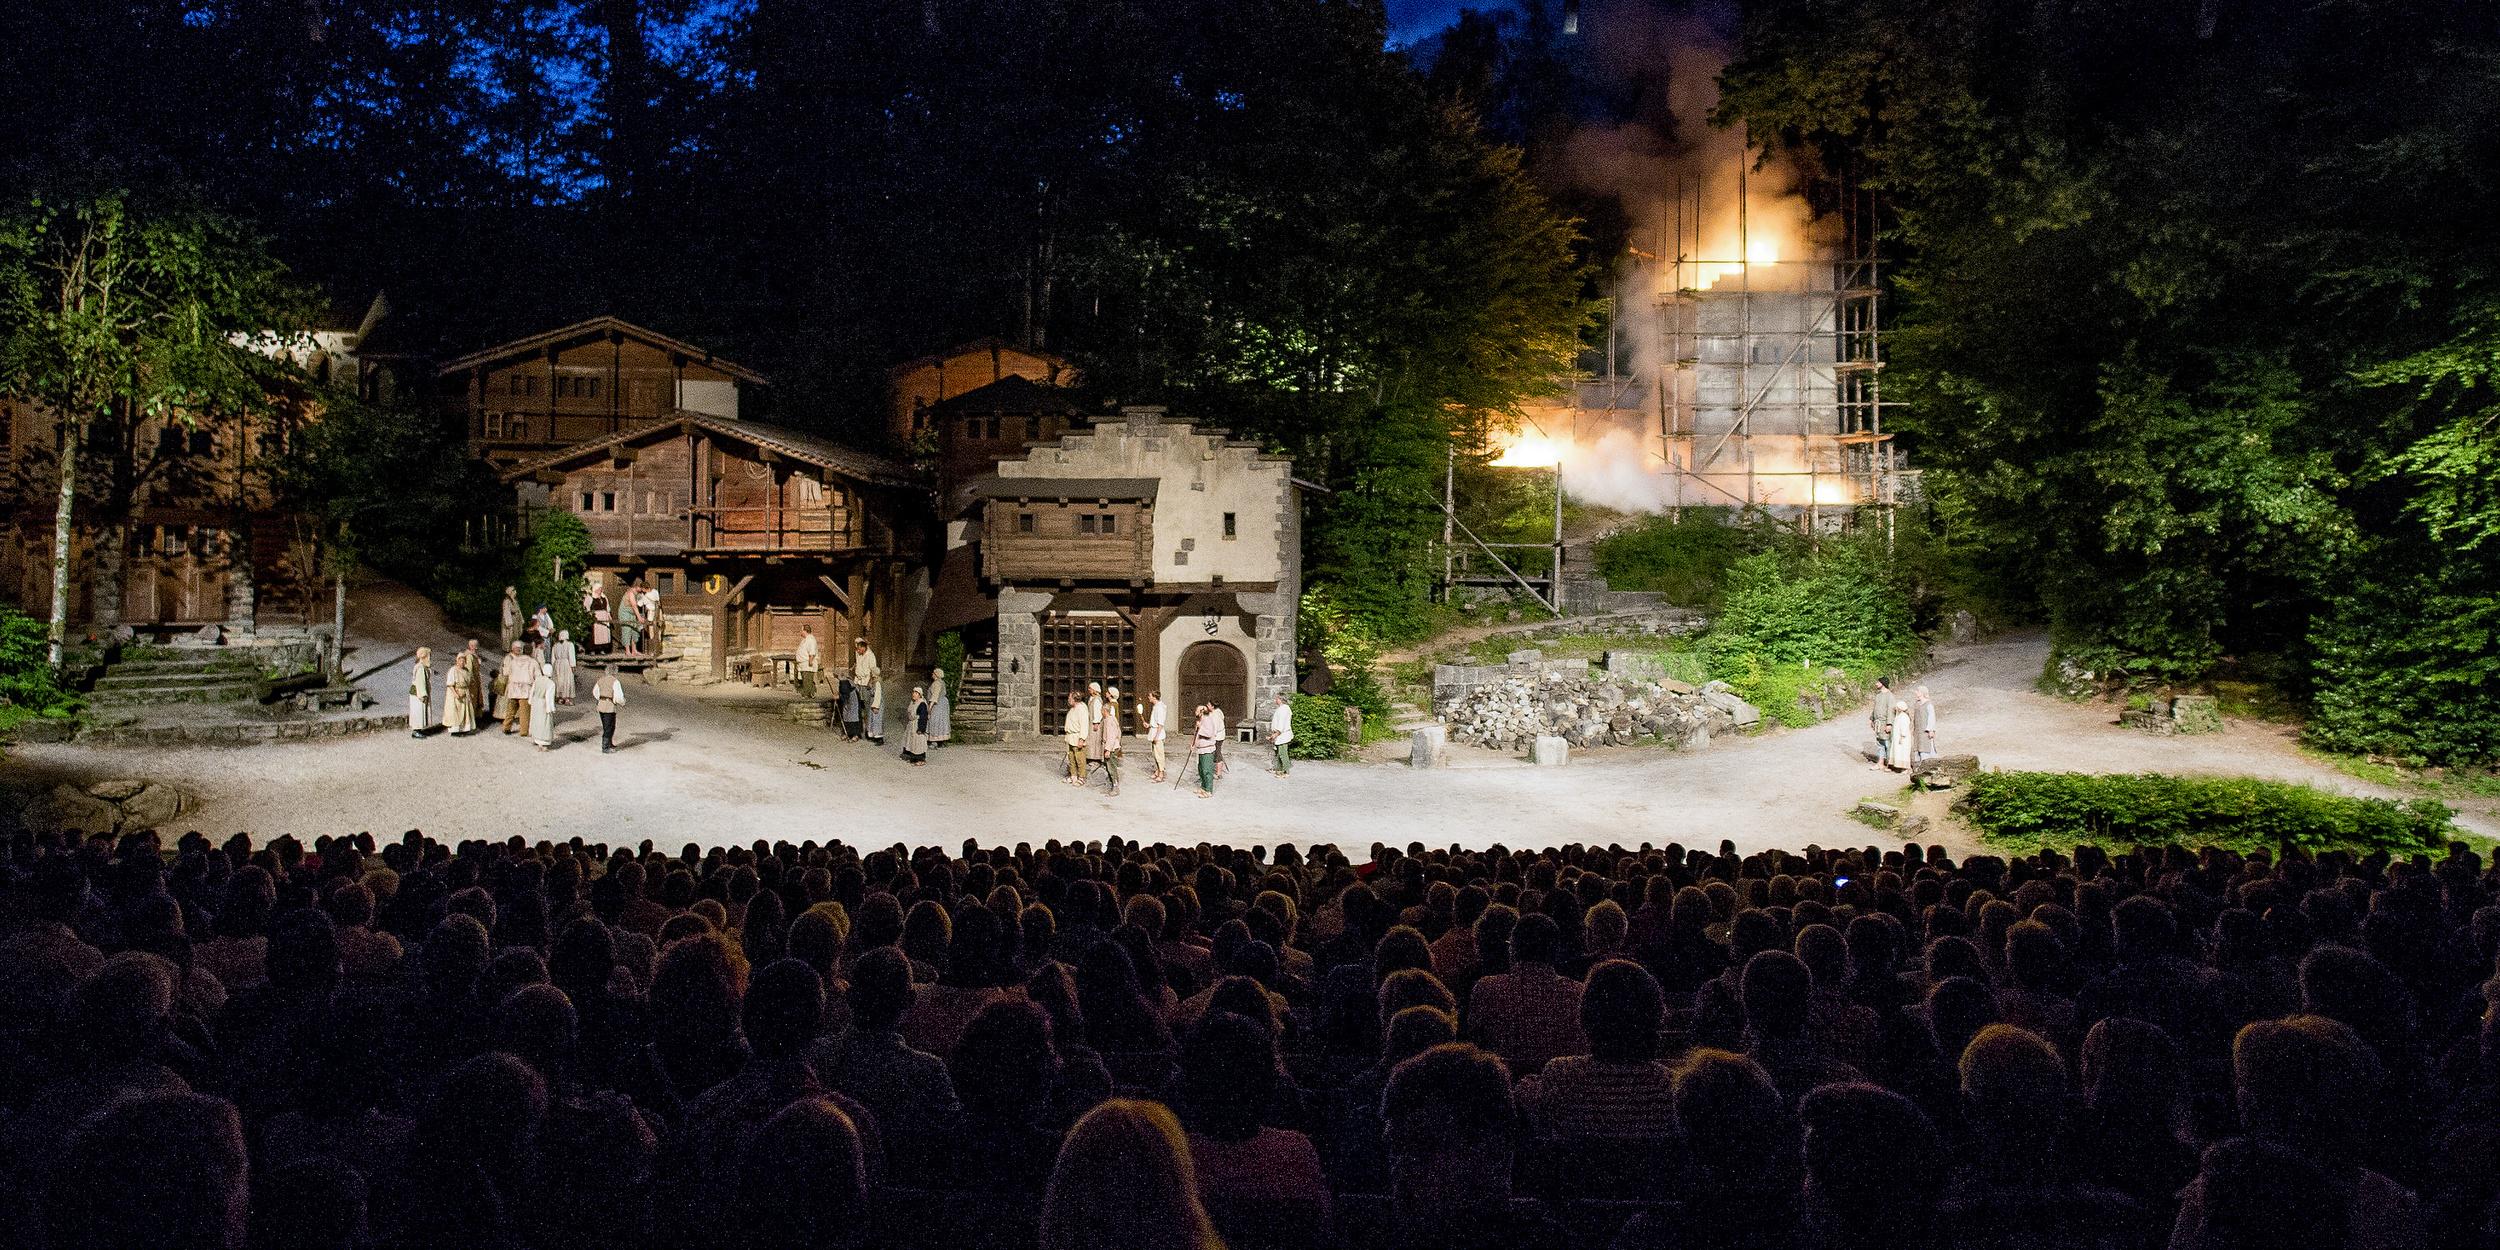 Zurückerobertes Dorf bei den Tellspiele in Interlaken waehrend der Premiere am 28. Juni 2015.